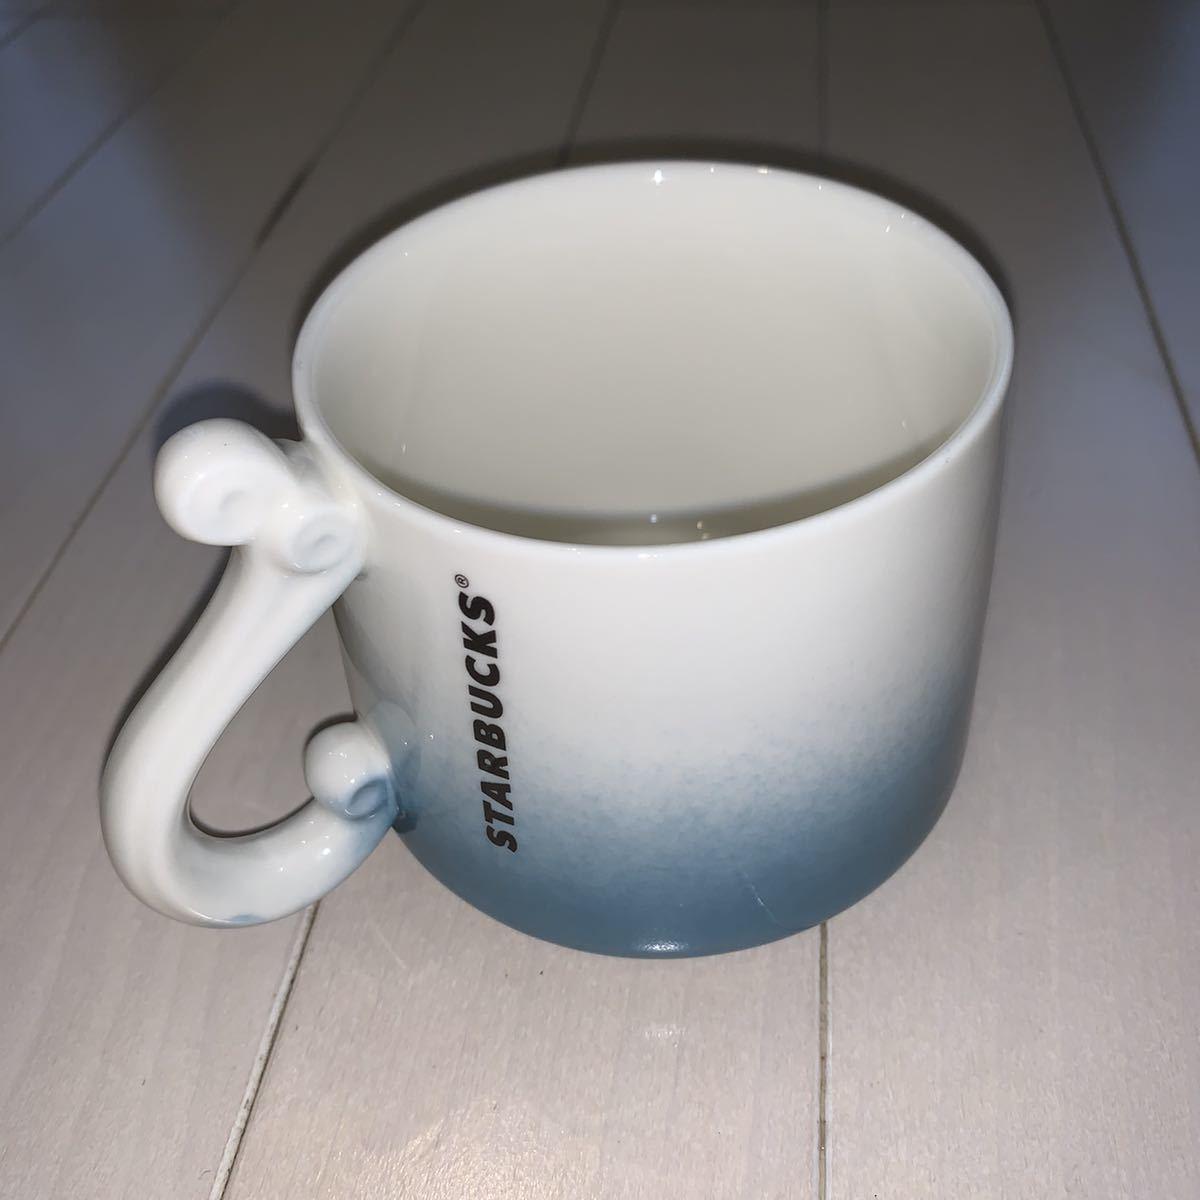 未使用品 スターバックス マグカップ ハワイ限定 STARBUCKS スタバ ご当地マグ 海外 HAWAII_画像2